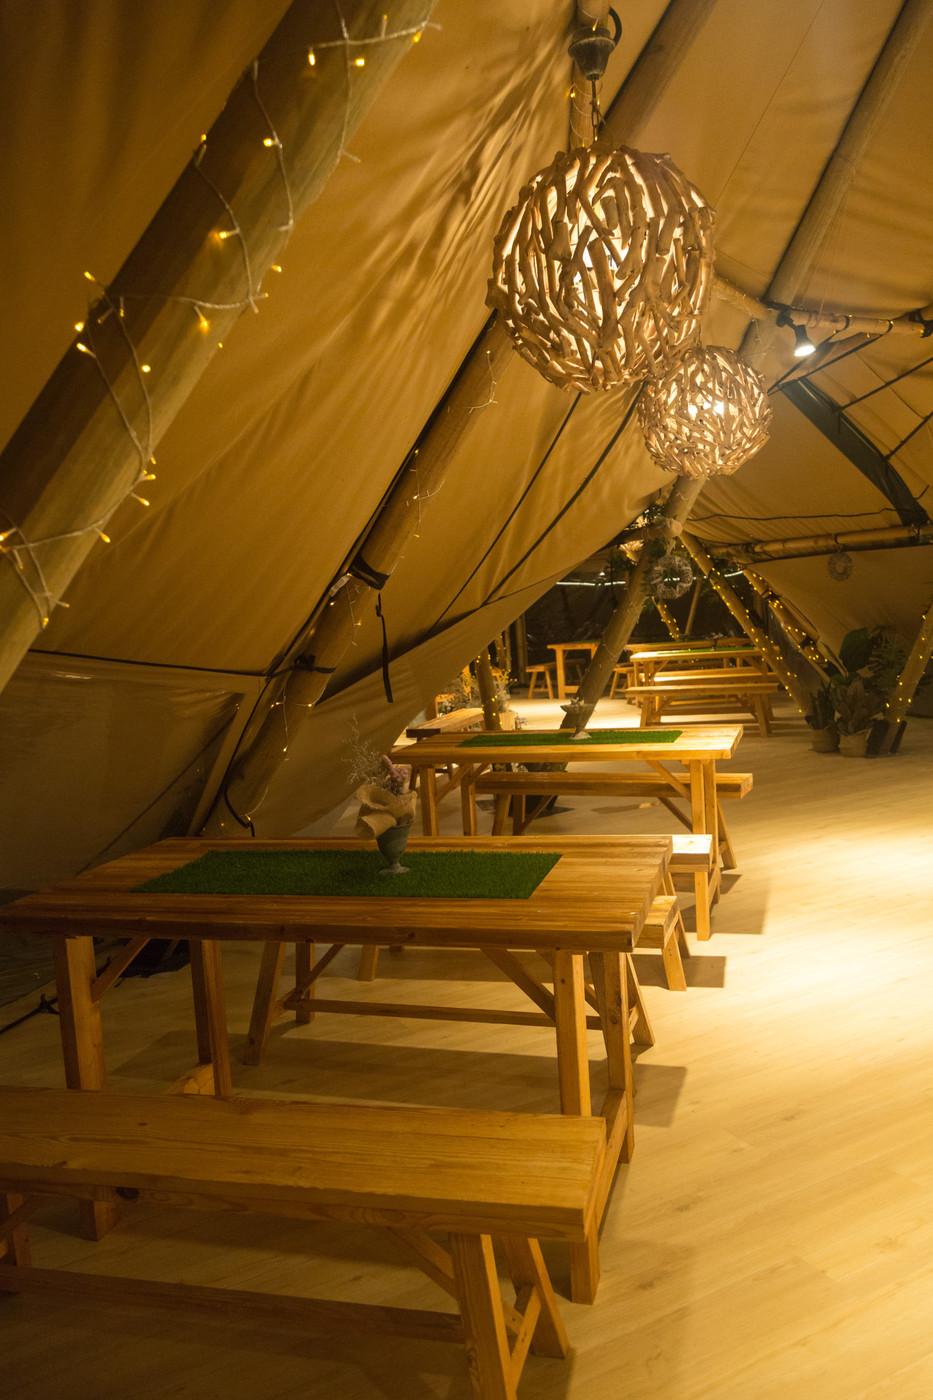 喜马拉雅印第安多功能大厅帐篷酒店44